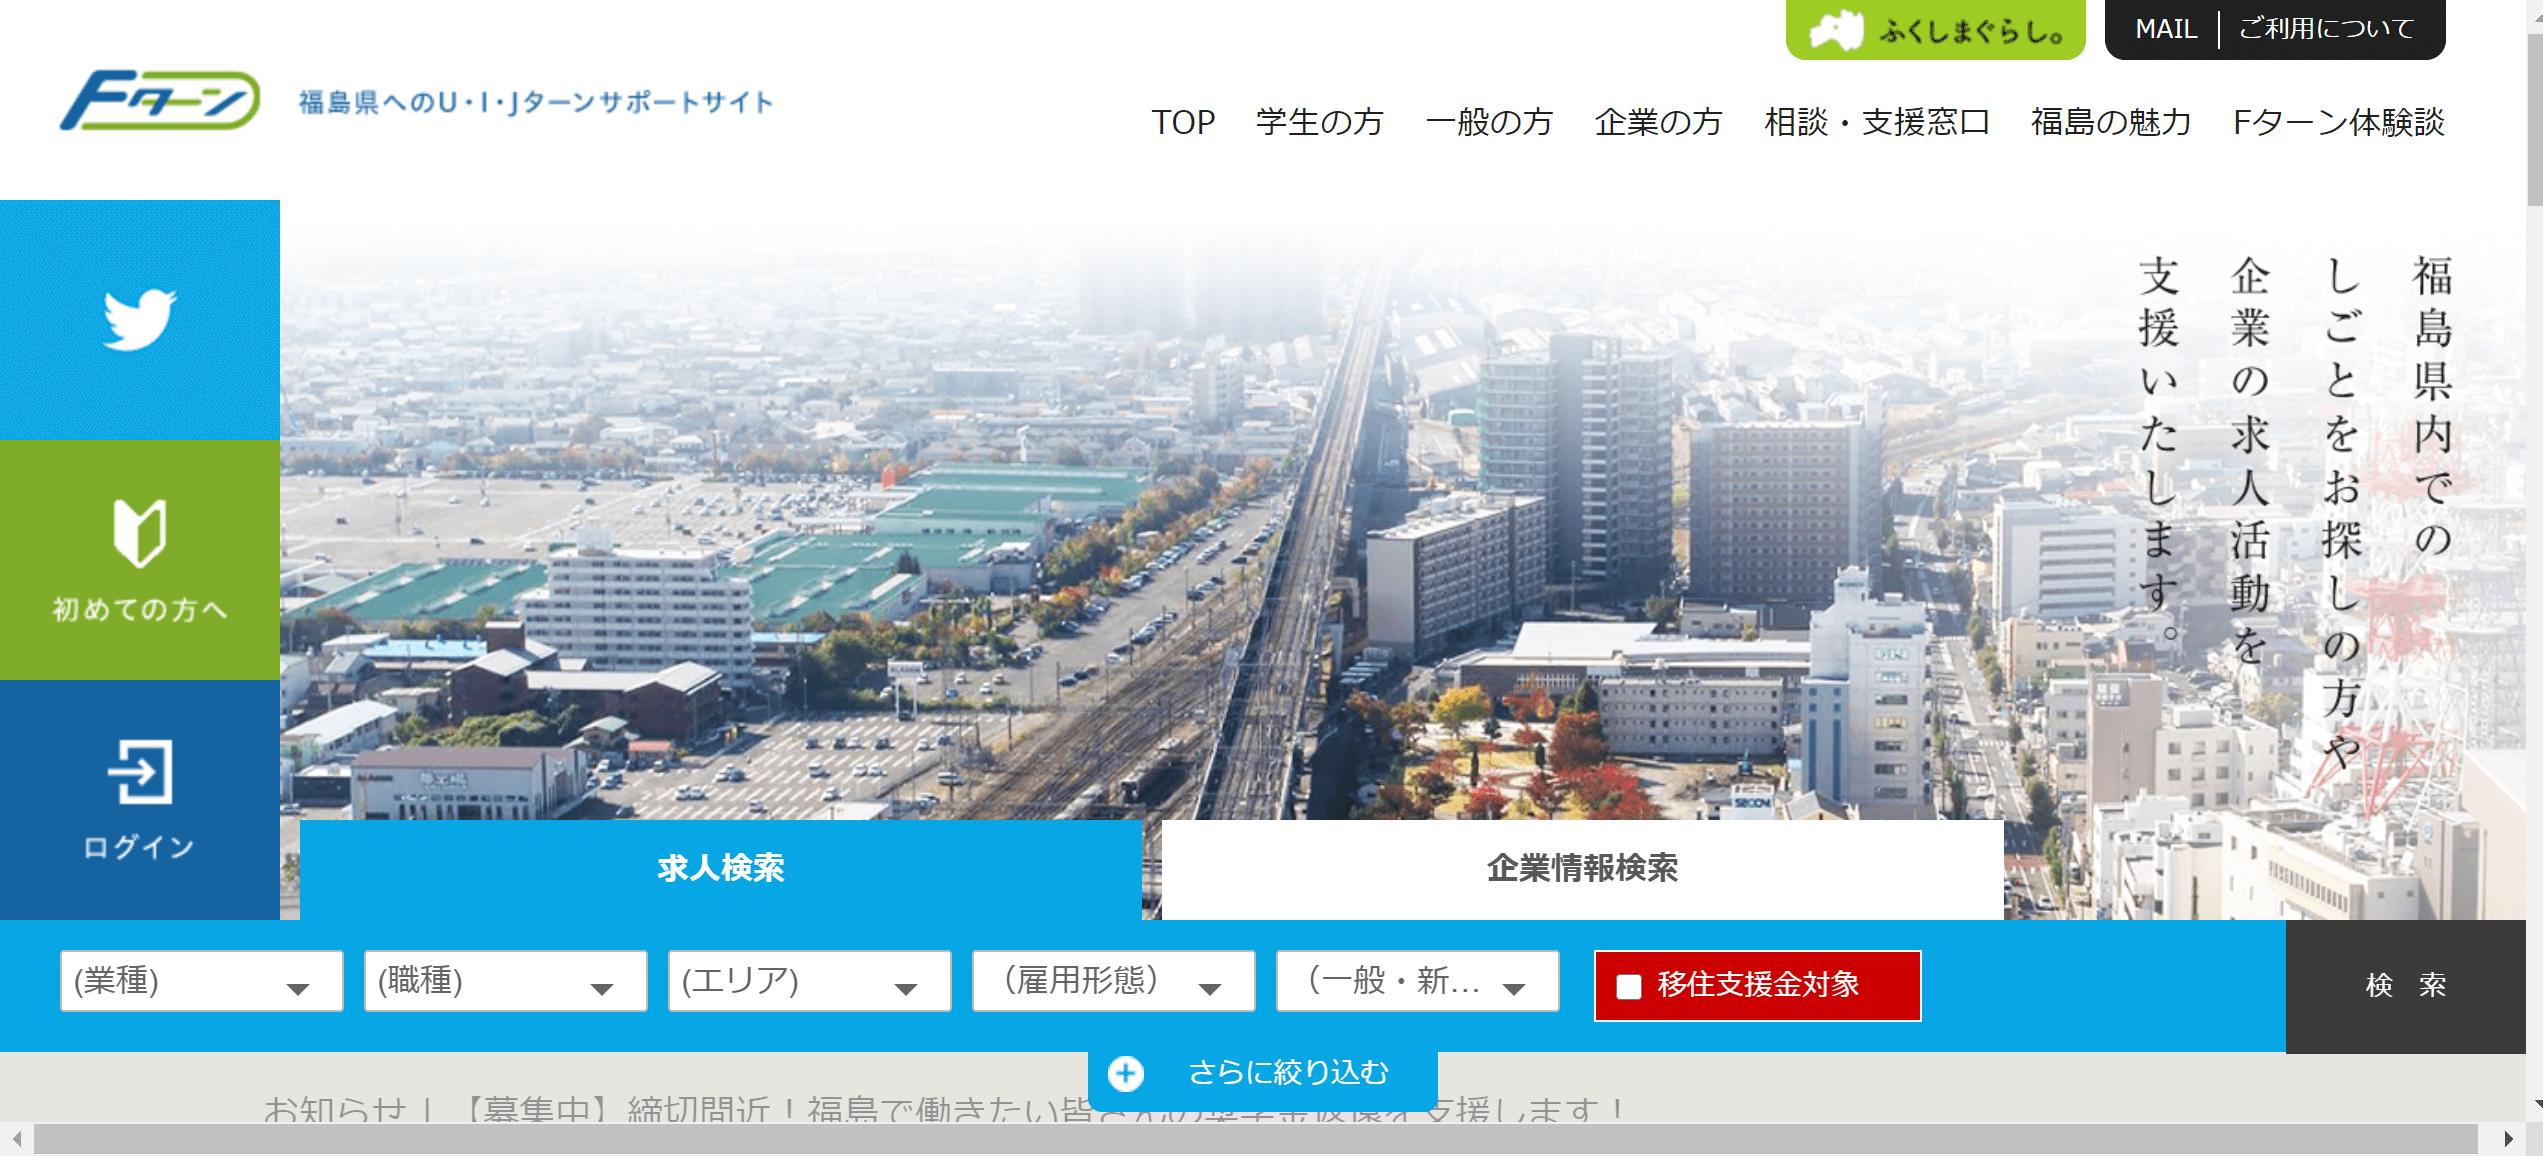 福島県移住支援事業|Fターン